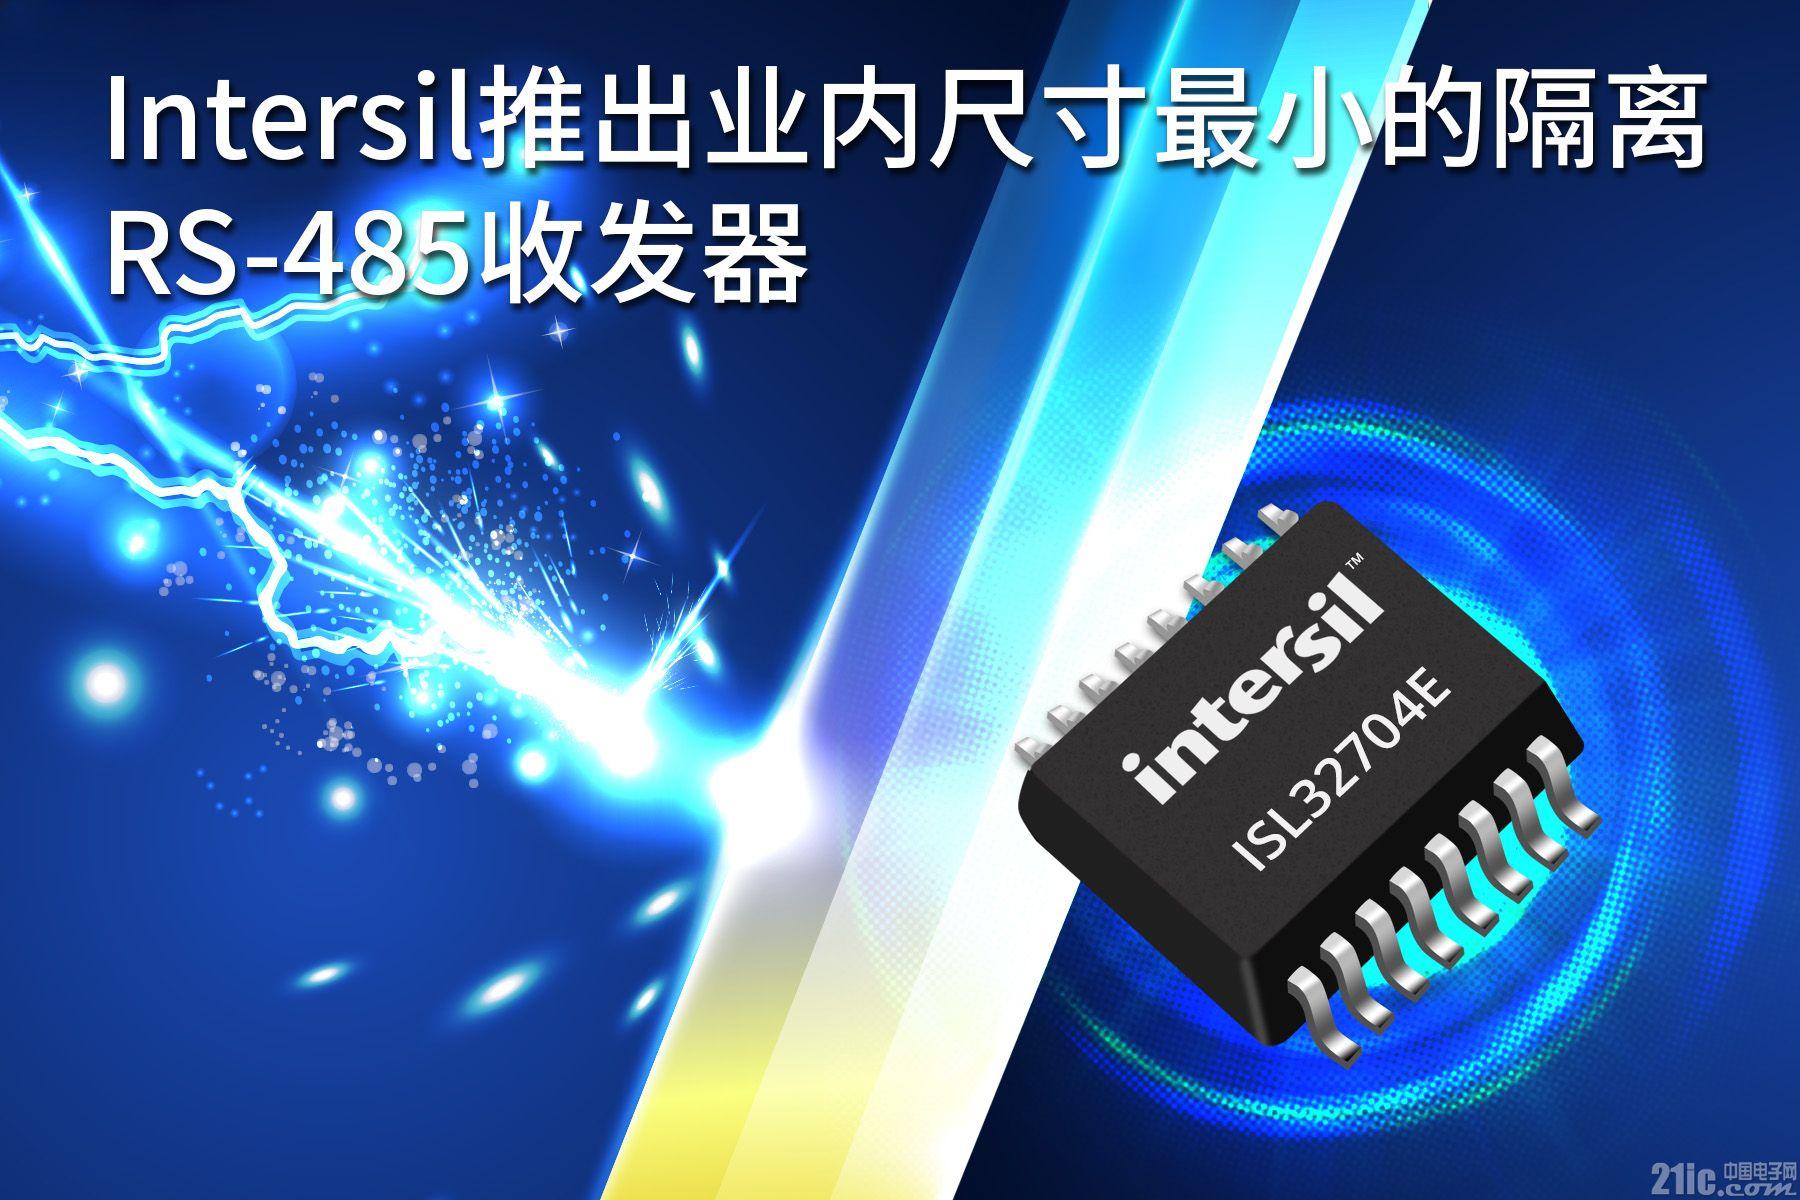 Intersil推出业内尺寸最小的隔离RS-485收发器